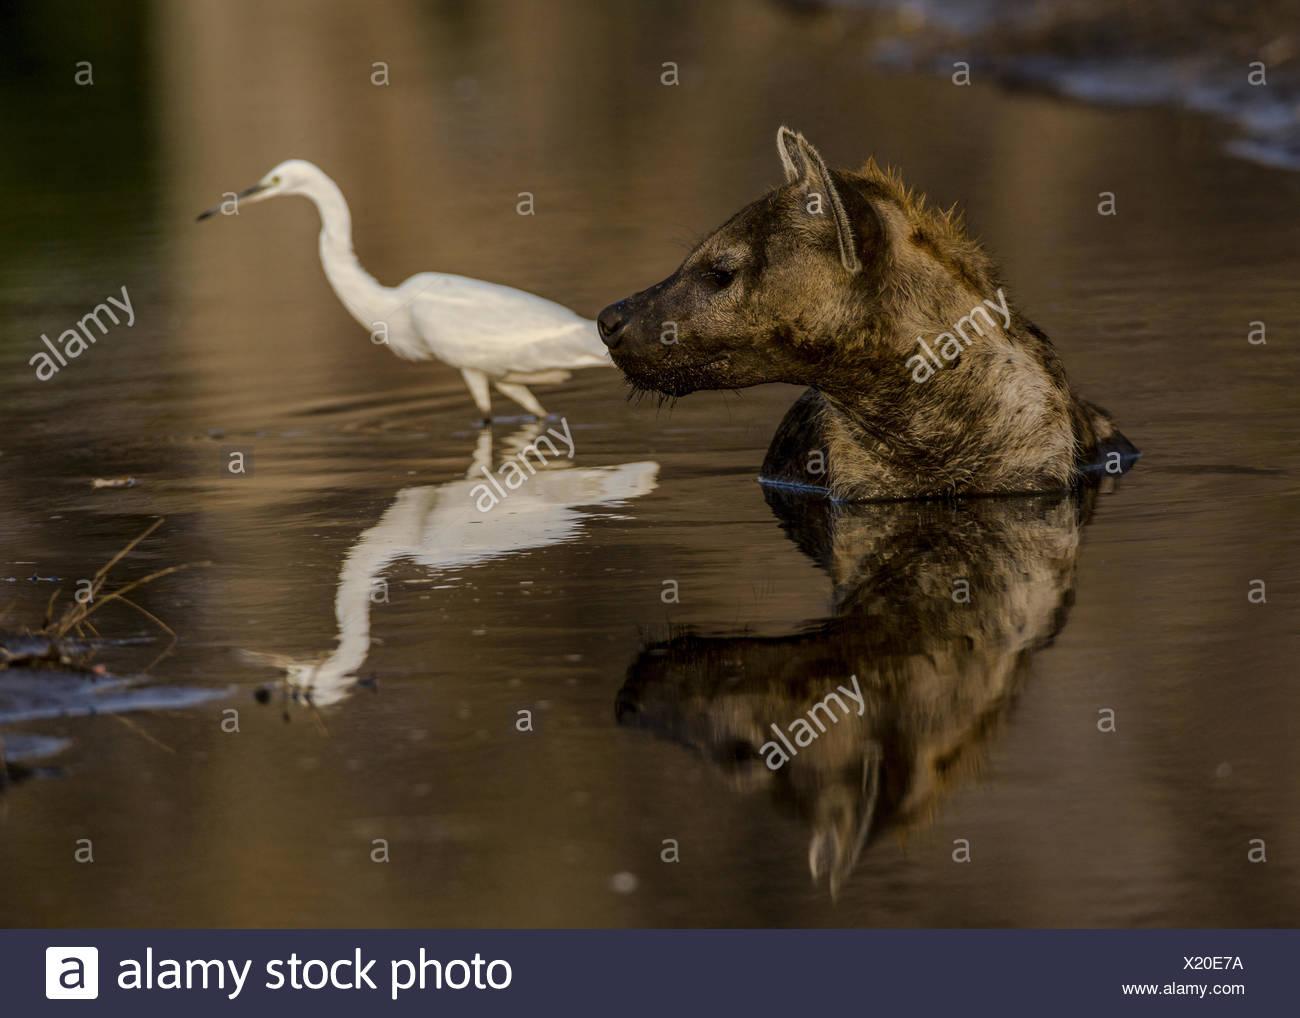 Une hyène tachetée, Crocuta crocuta, réside dans une petite piscine d'eau de refroidir dans le soleil de midi,. Photo Stock